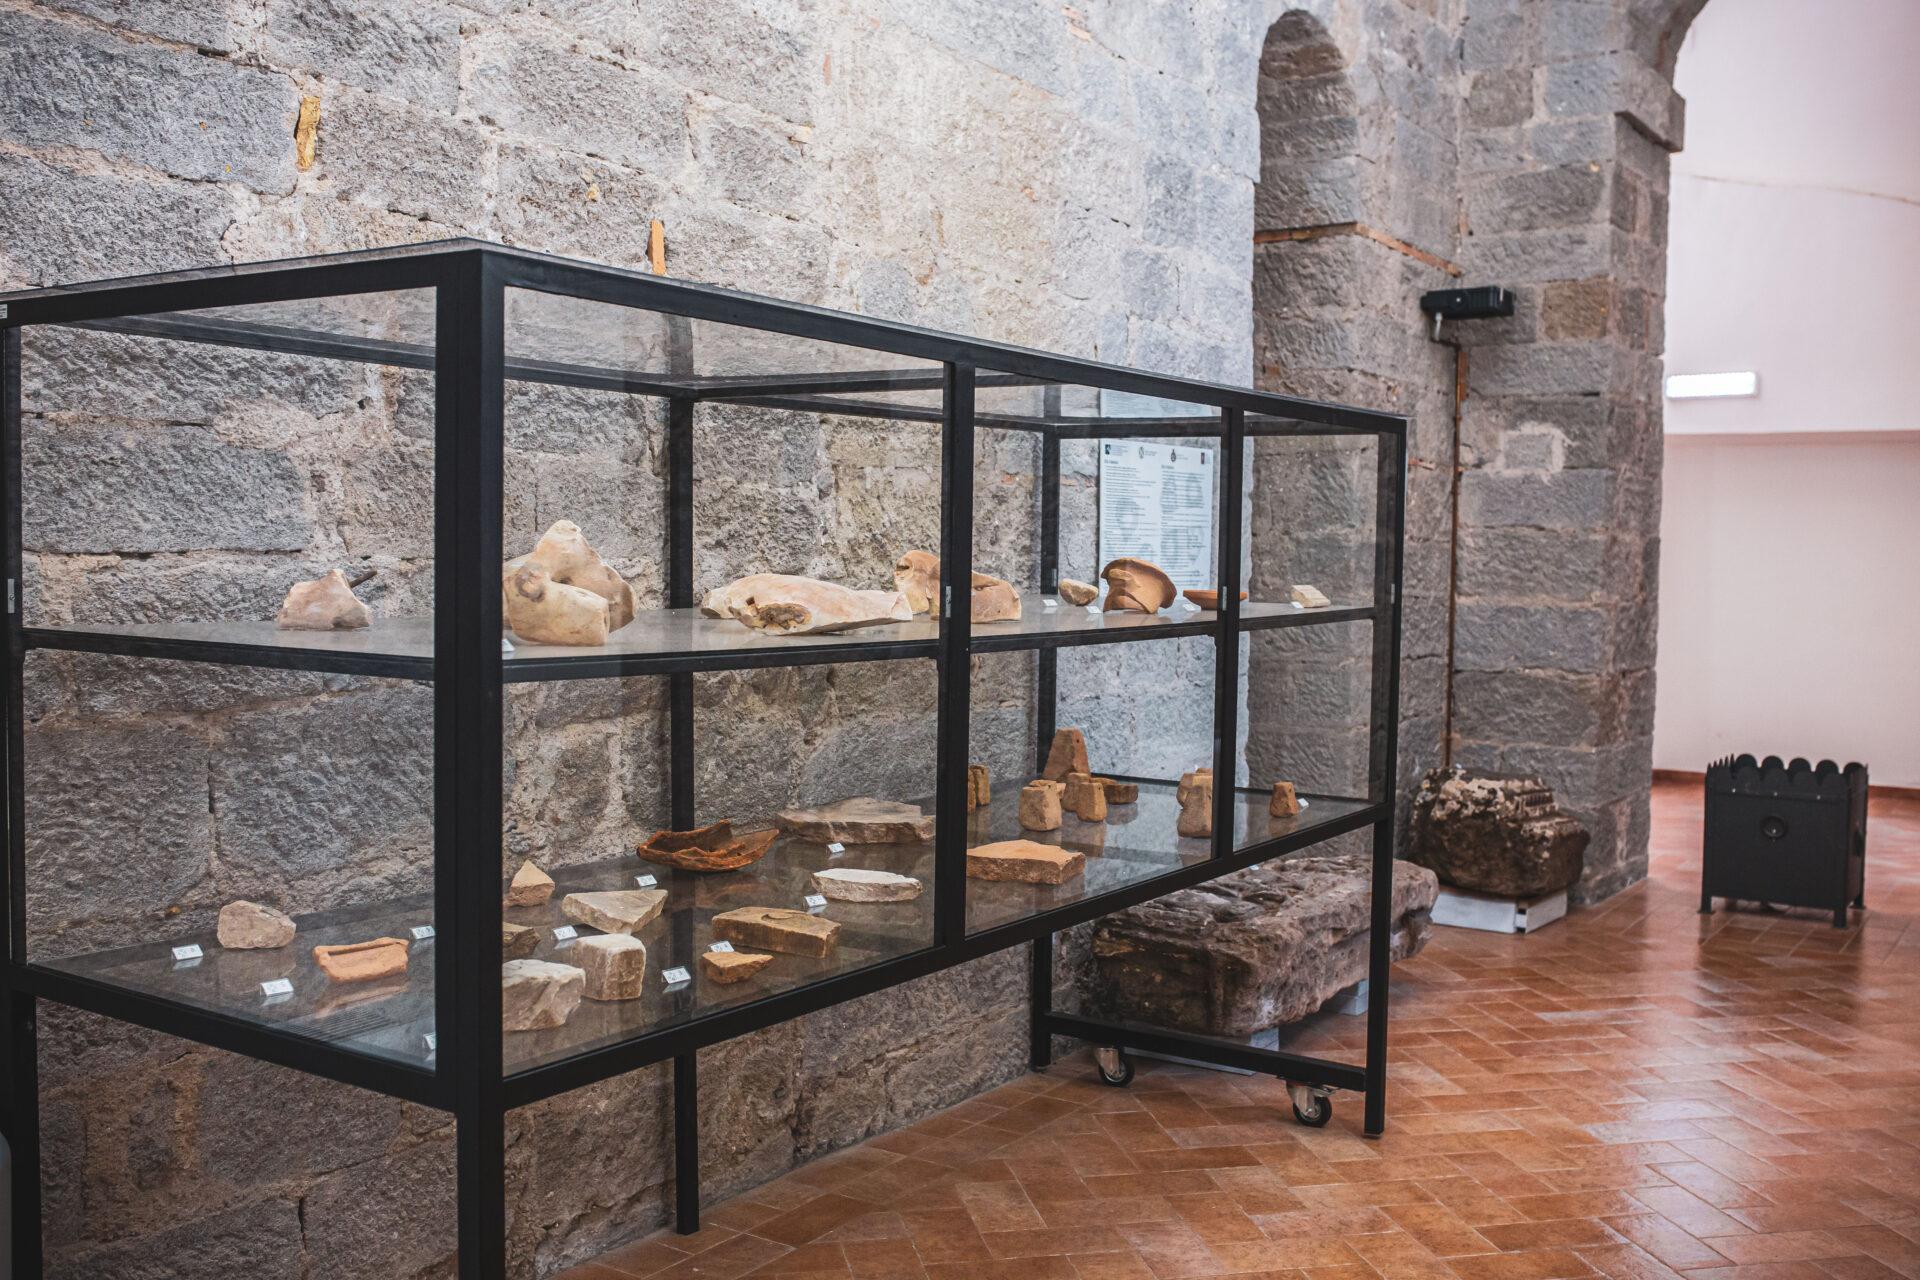 Museo Civico Archeologico dell'Agro Cimino